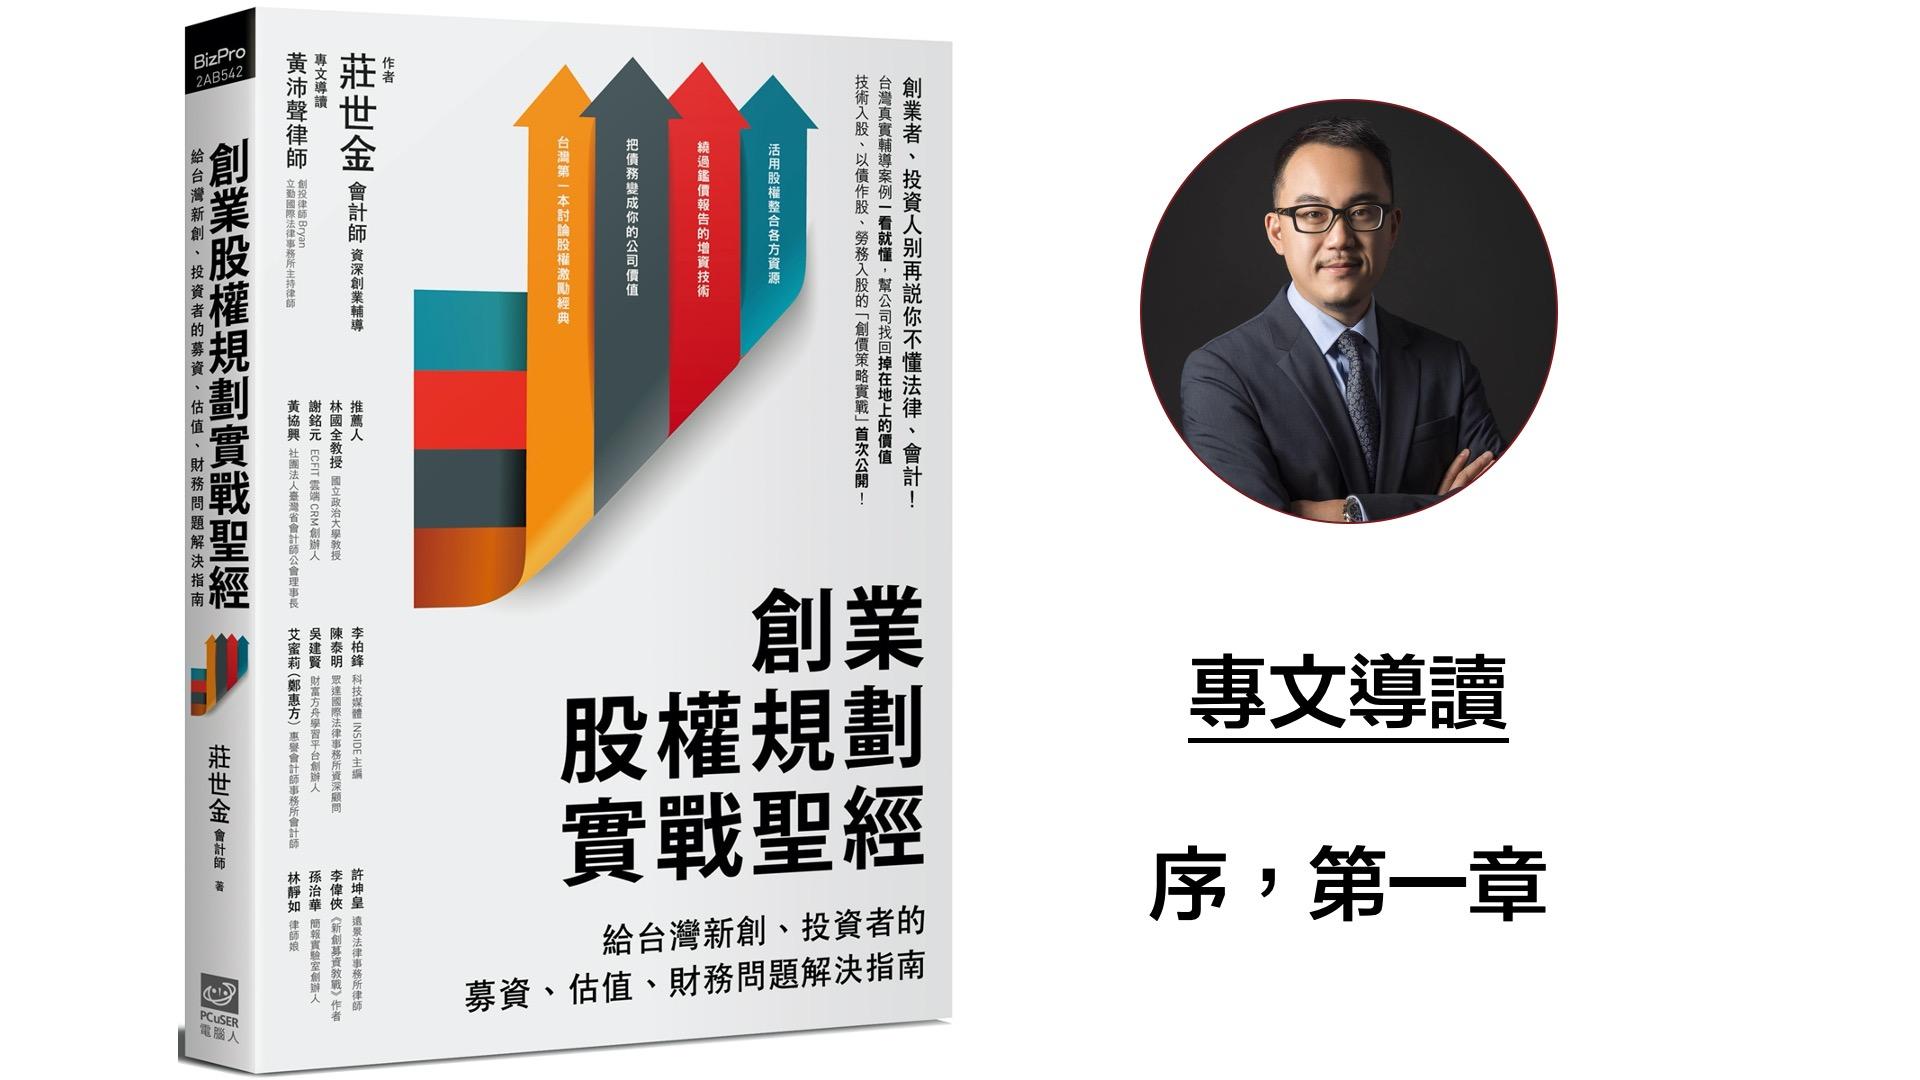 Bryan專文導讀《創業股權規劃實戰聖經:給台灣新創、投資者的募資、估值、財務問題解決指南》